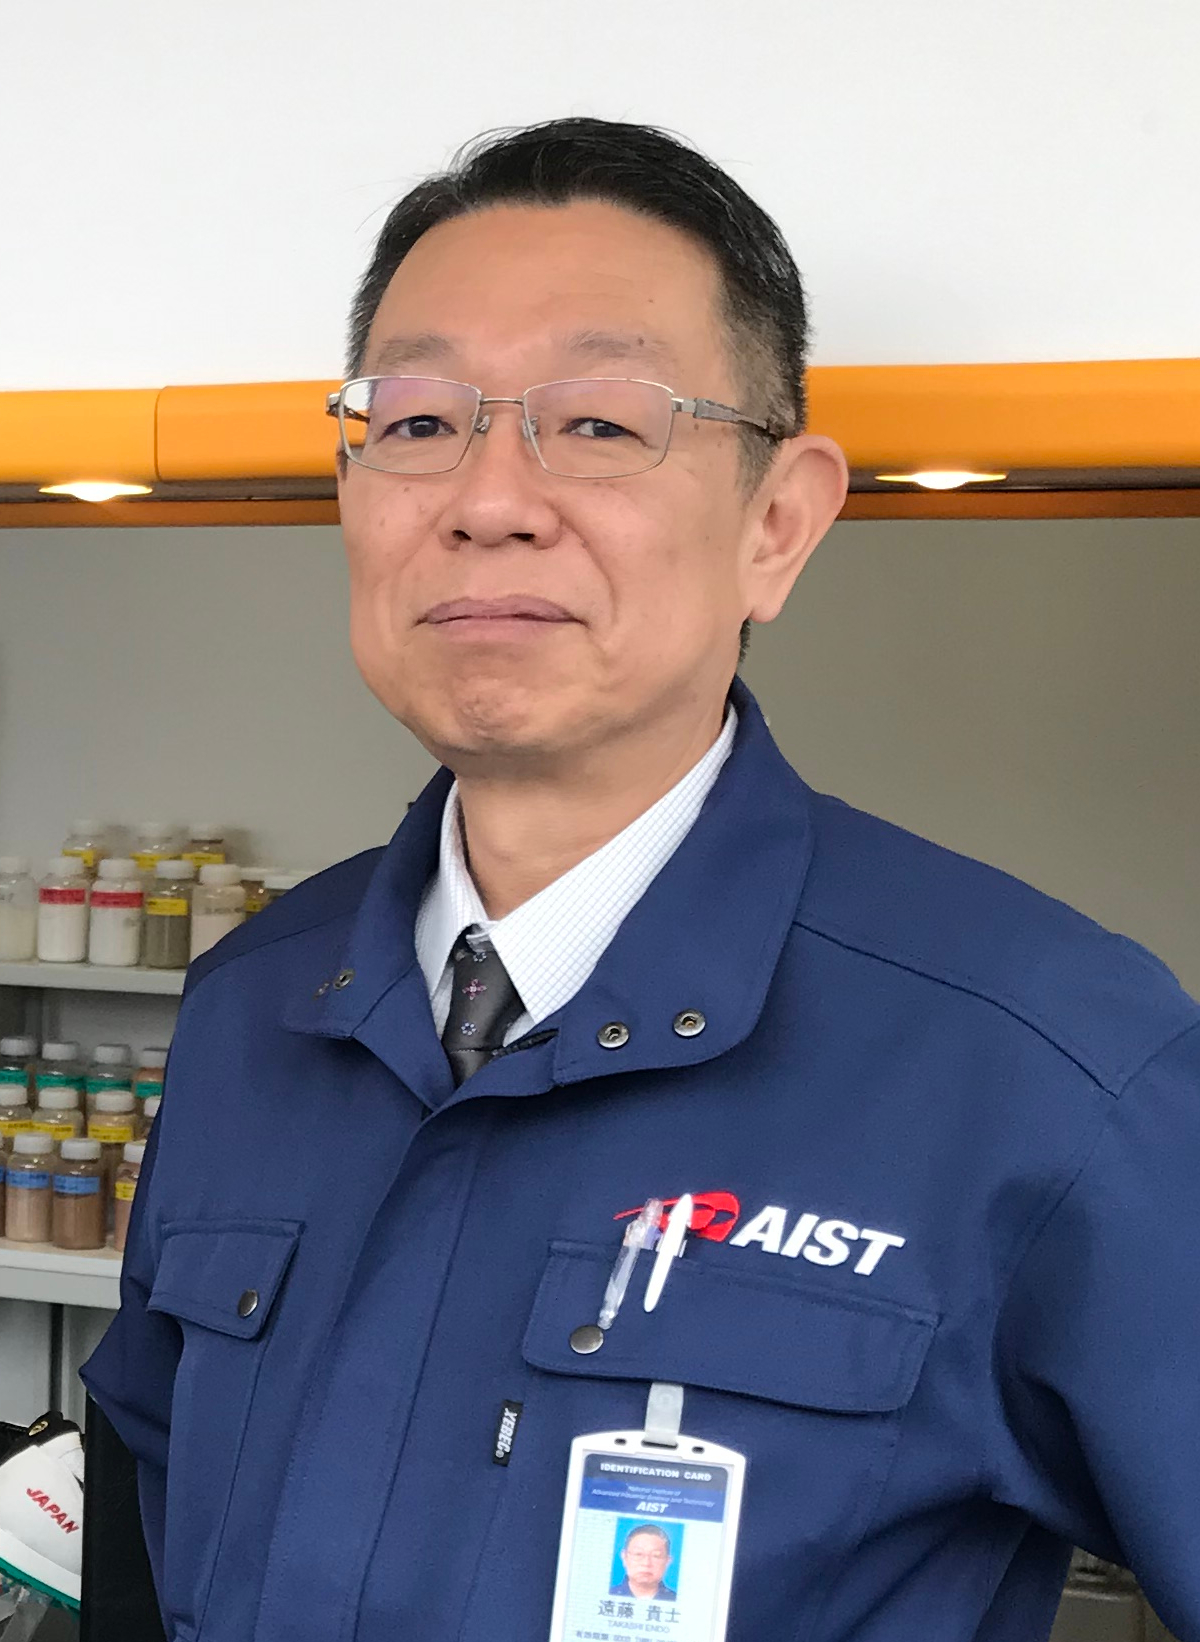 産業技術総合研究所 機能化学研究部門 セルロース材料グループ 研究グループ長 遠藤貴士